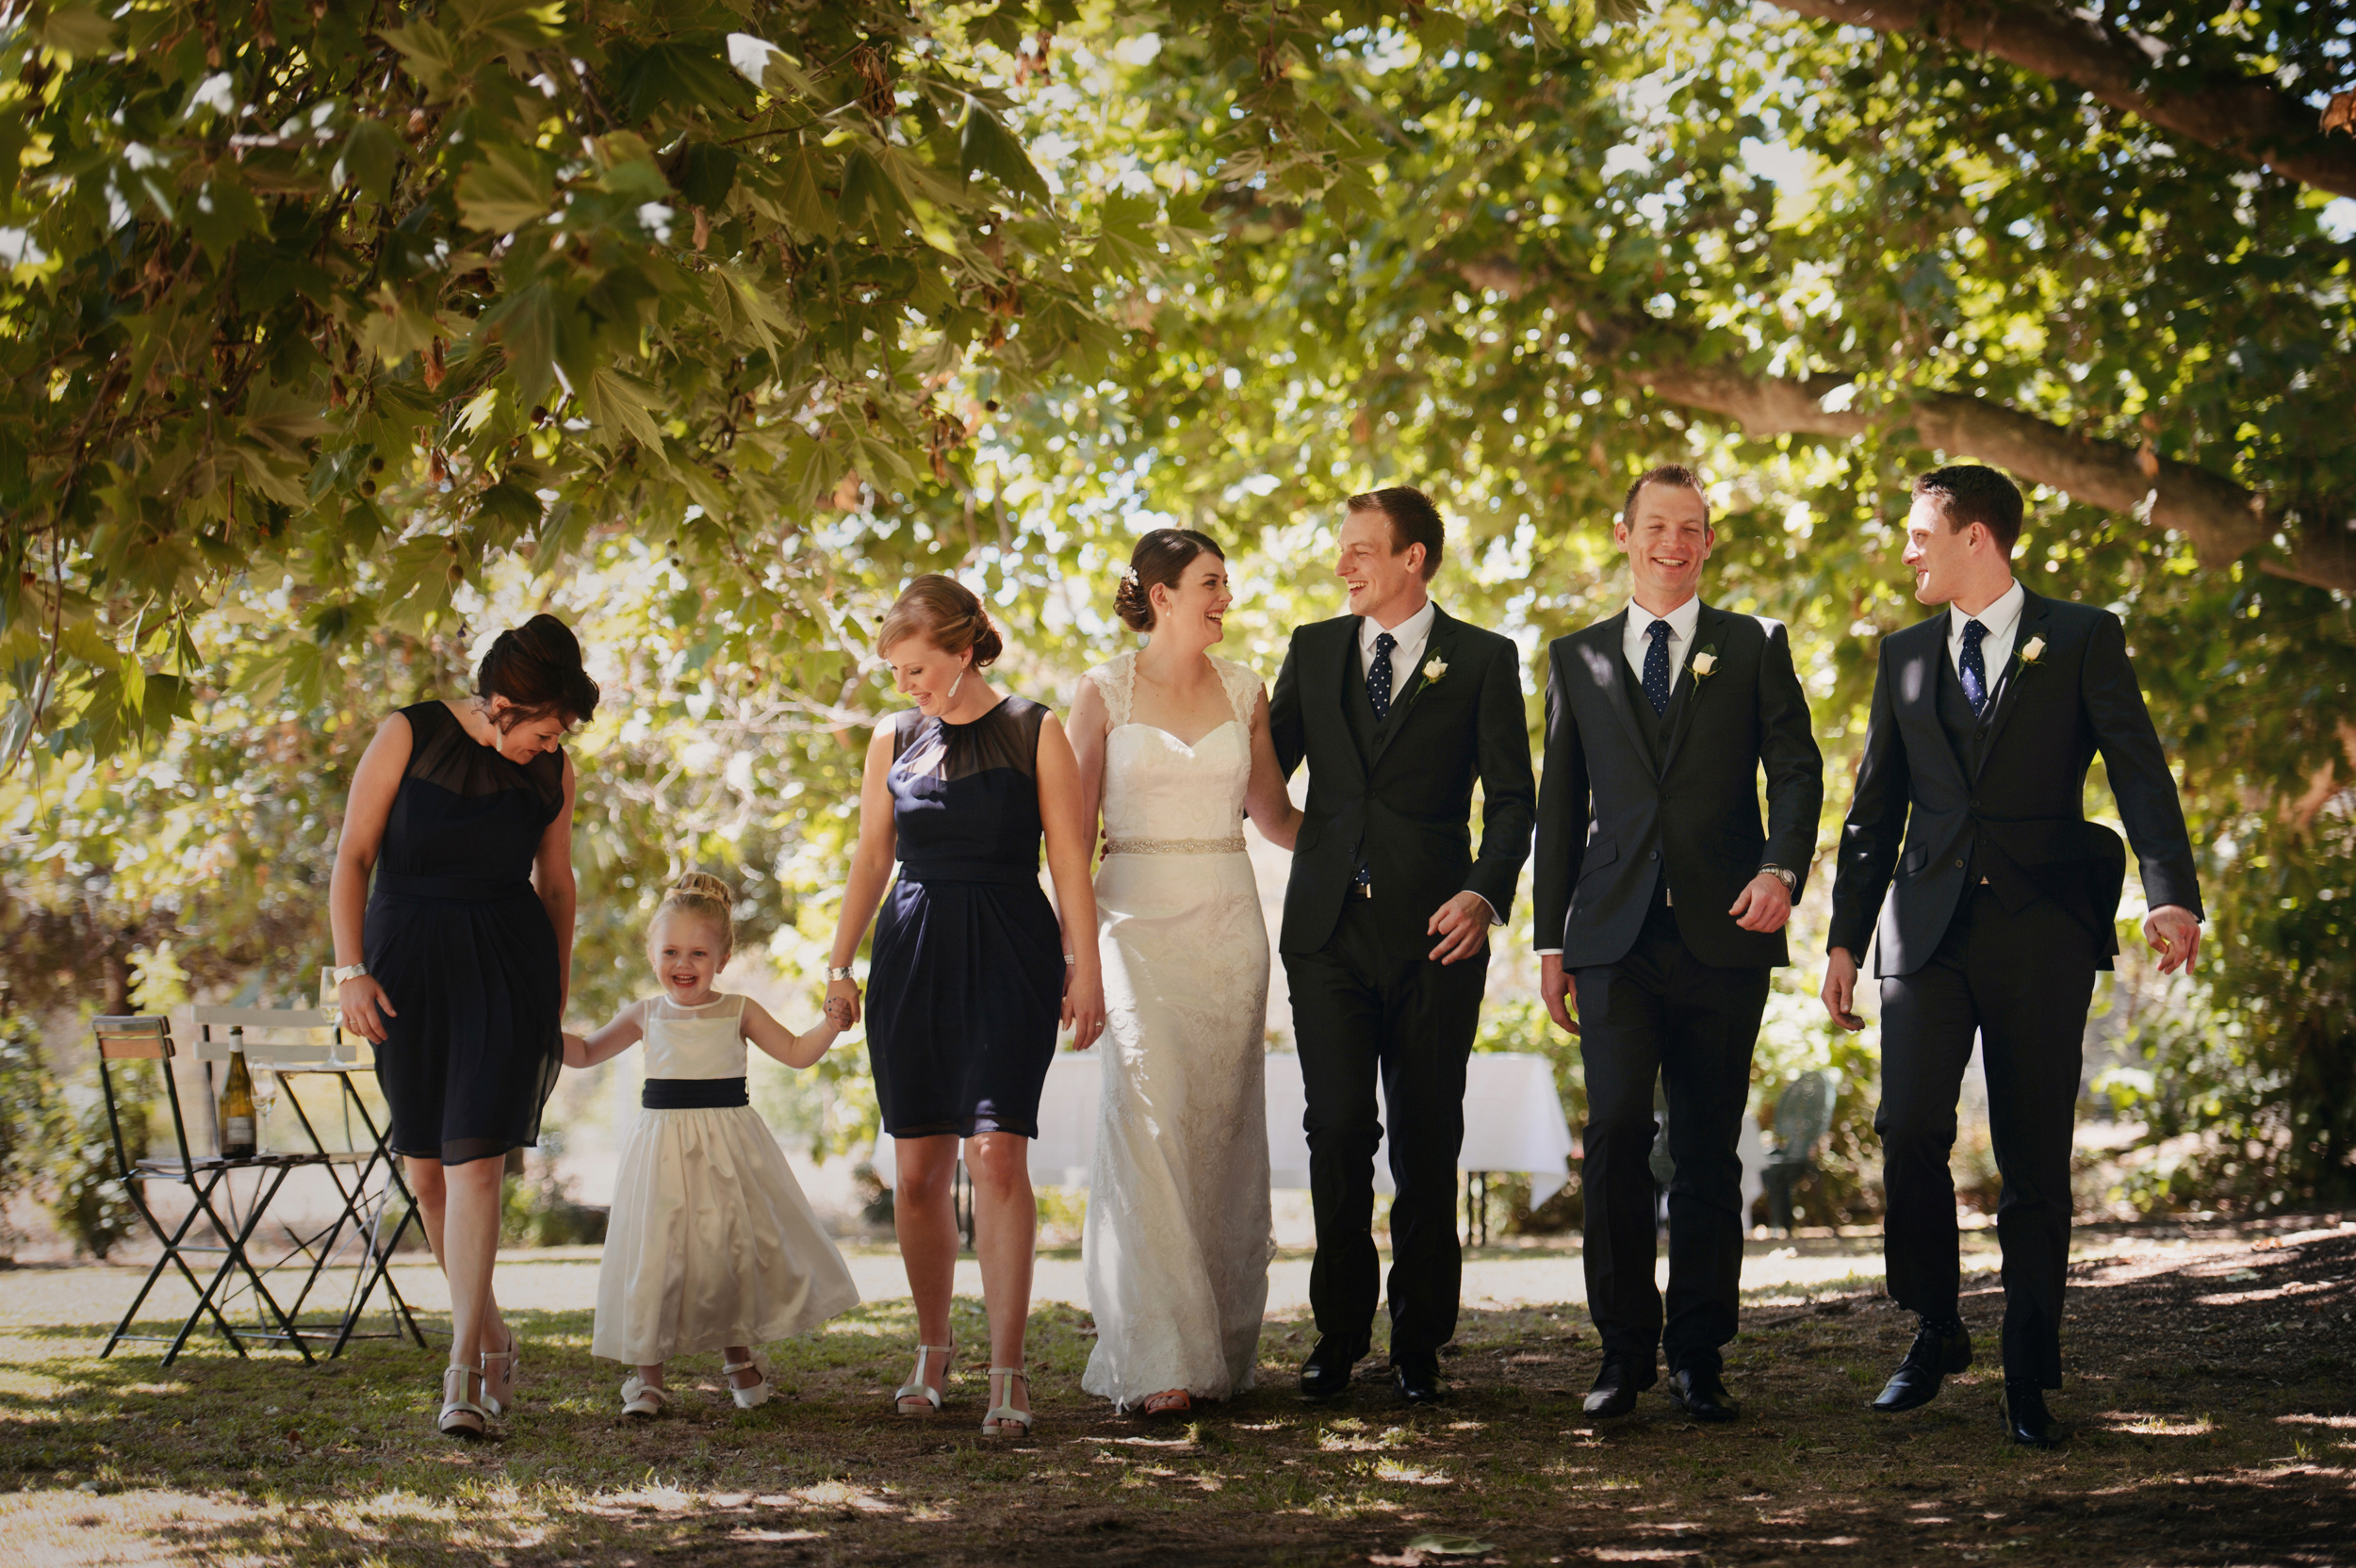 euroa_butter_factory_wedding_photography_23.jpg